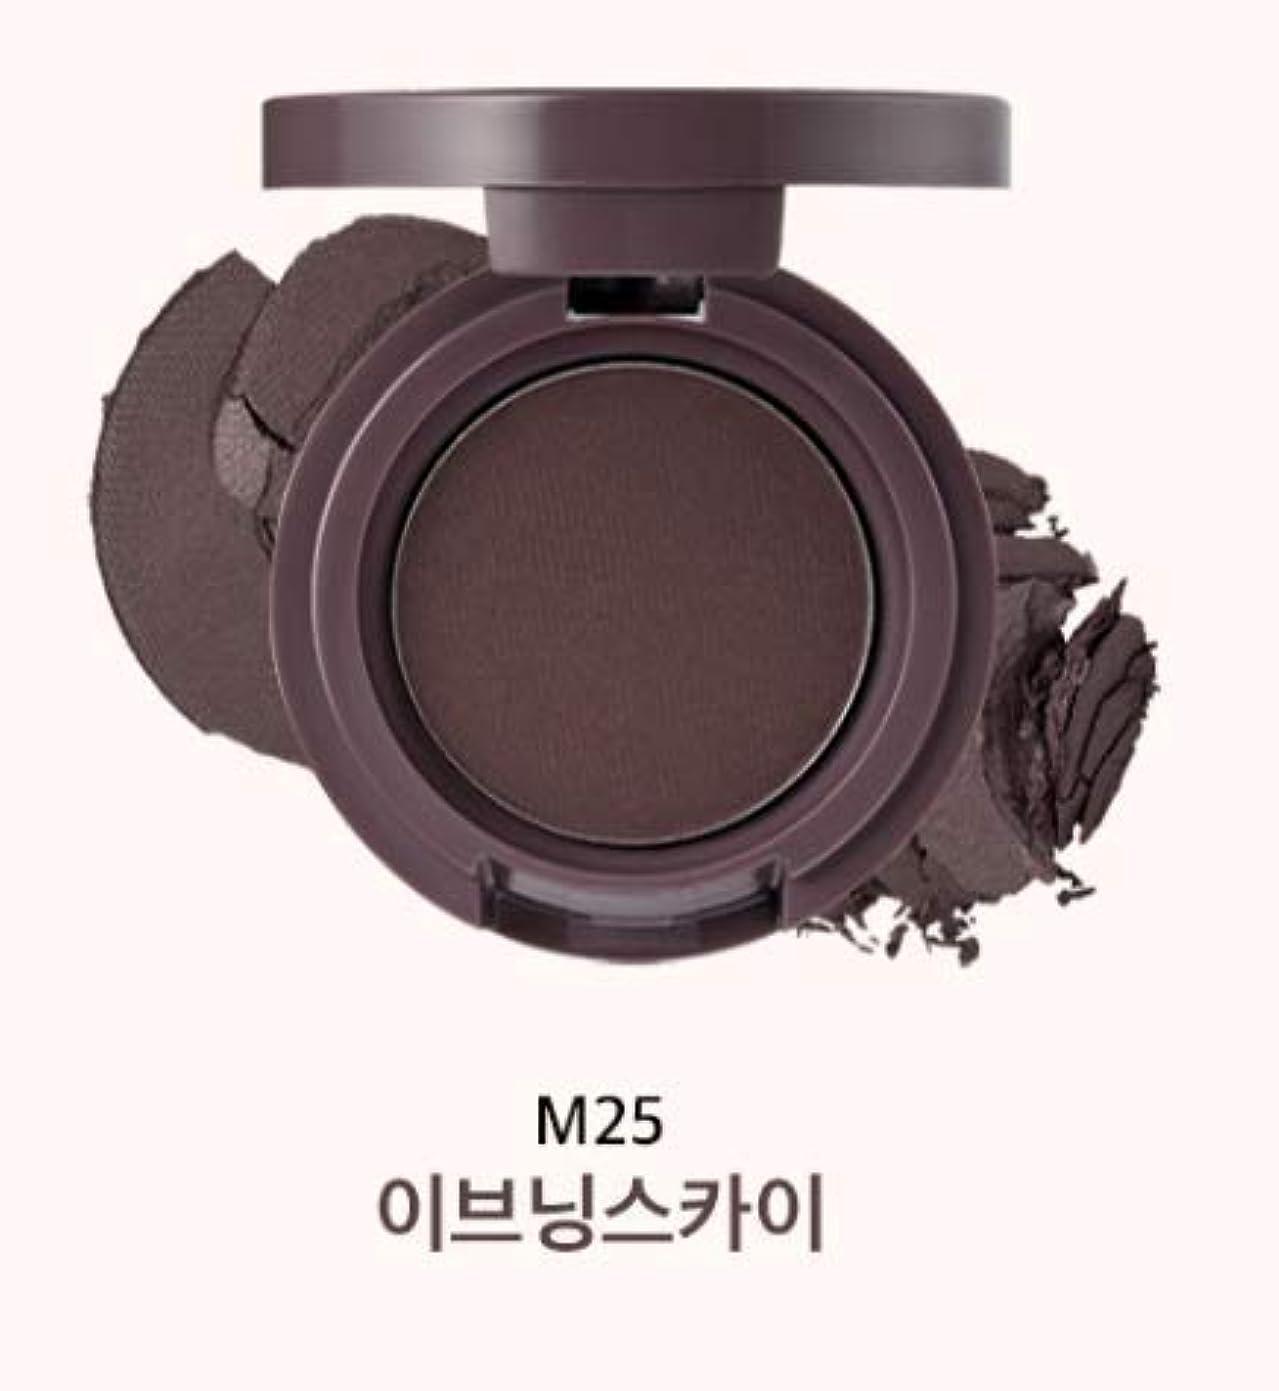 全能大腿数学【アリタウム.ARITAUM]モノアイズサンセットコレクション(1.5?1.8G)/ MONO EYES SUNSET COLLECTION (M25 EVENING SKY)